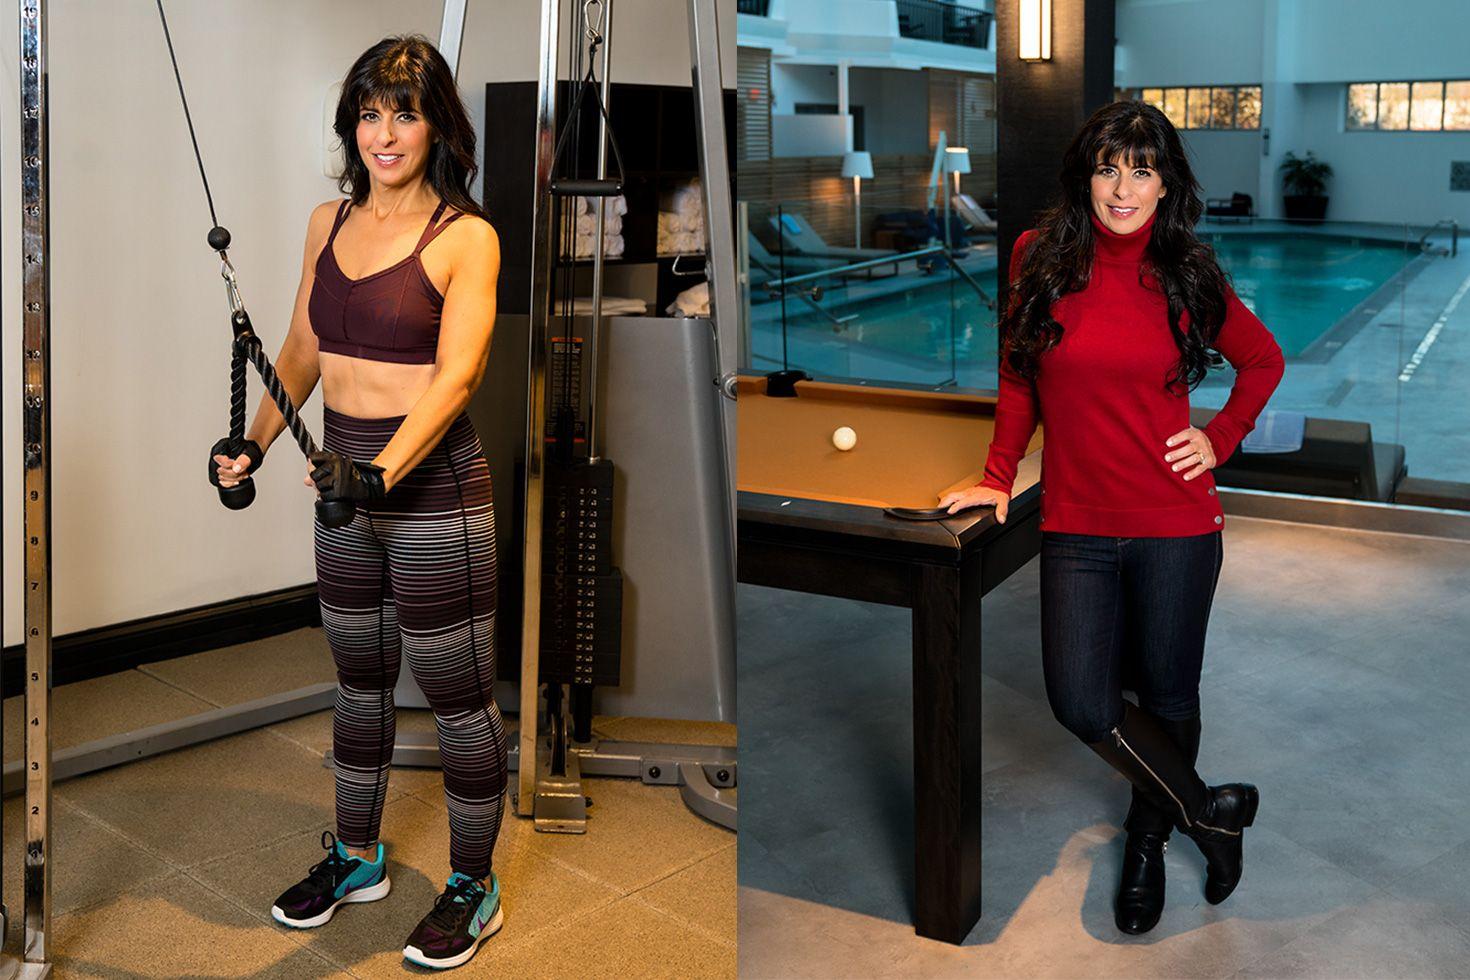 Charlene Bazarian workout photo